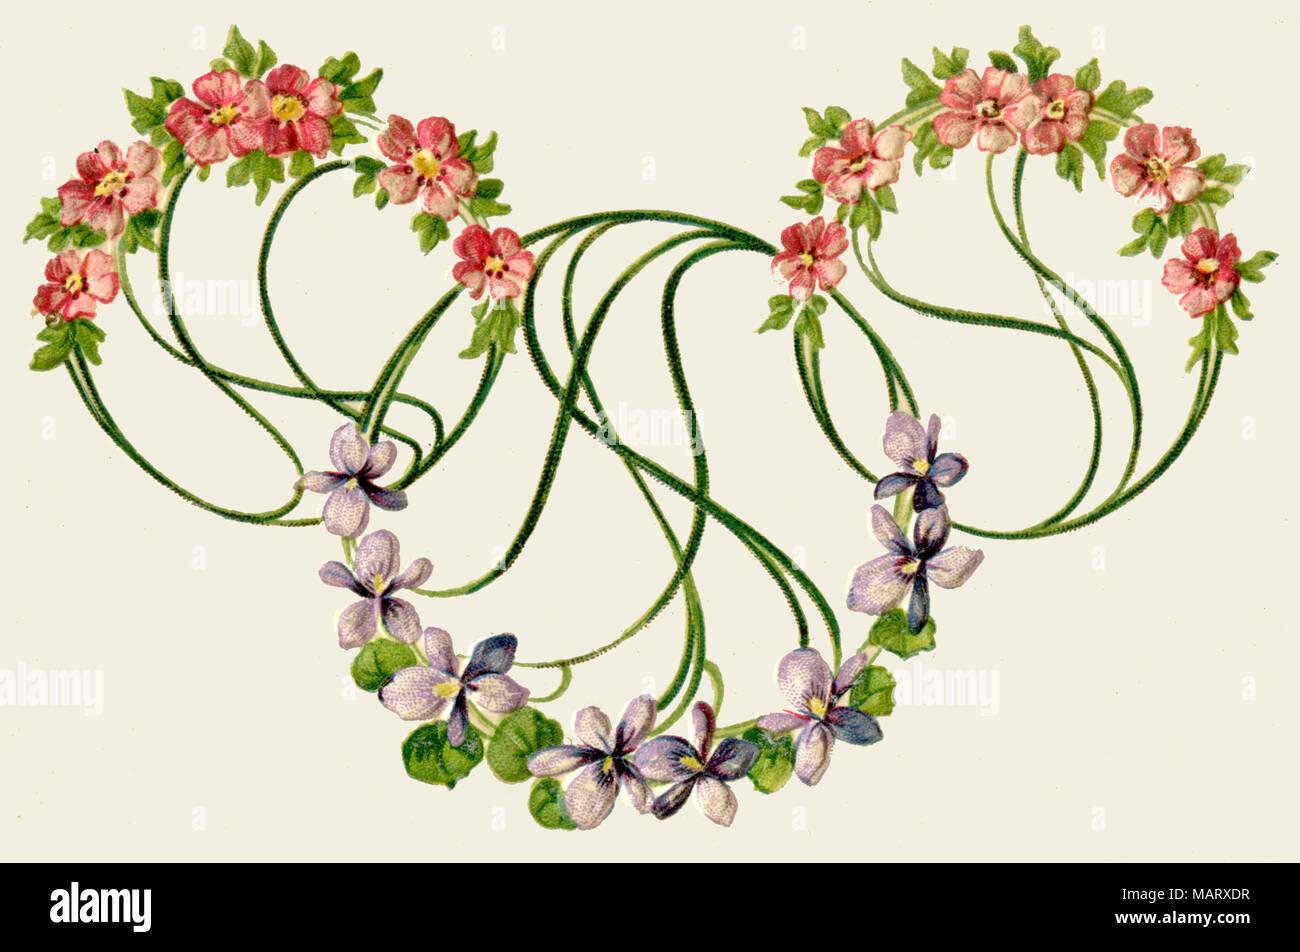 Jugendstil Ornament Stock Photos Jugendstil Ornament Stock Images